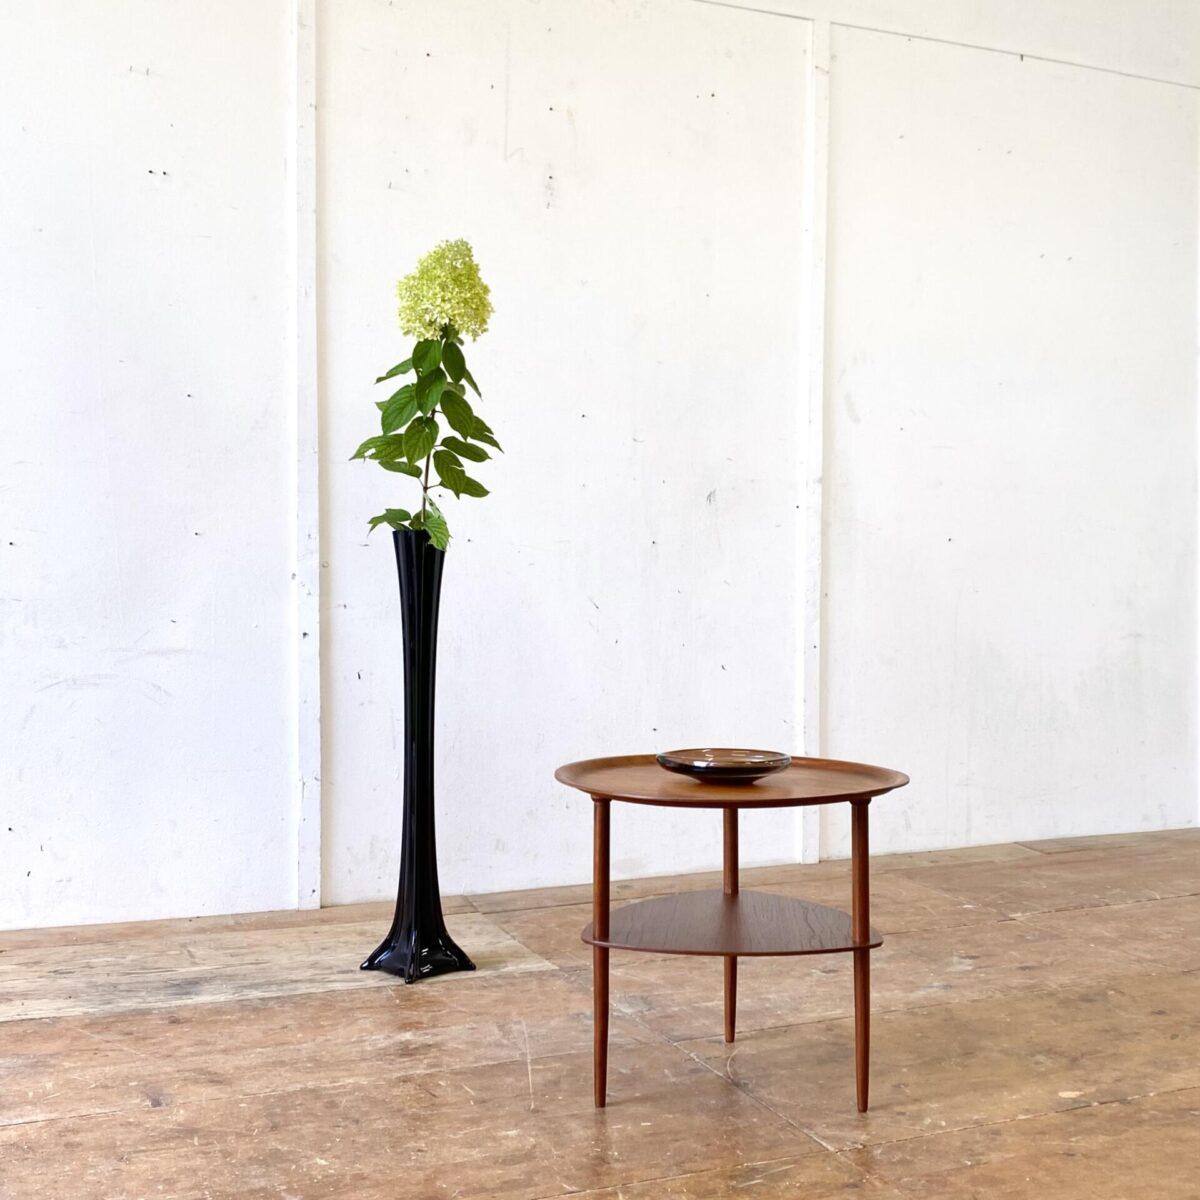 Deuxieme.shop midcentury coffetable. Kleiner runder Teak Salontisch. Durchmesser 50cm Höhe 43.5cm. Tischblatt und Zeitschriften Ablage aus Teak Sperrholz. Die konischen Rundbeine sind aus Vollholz.